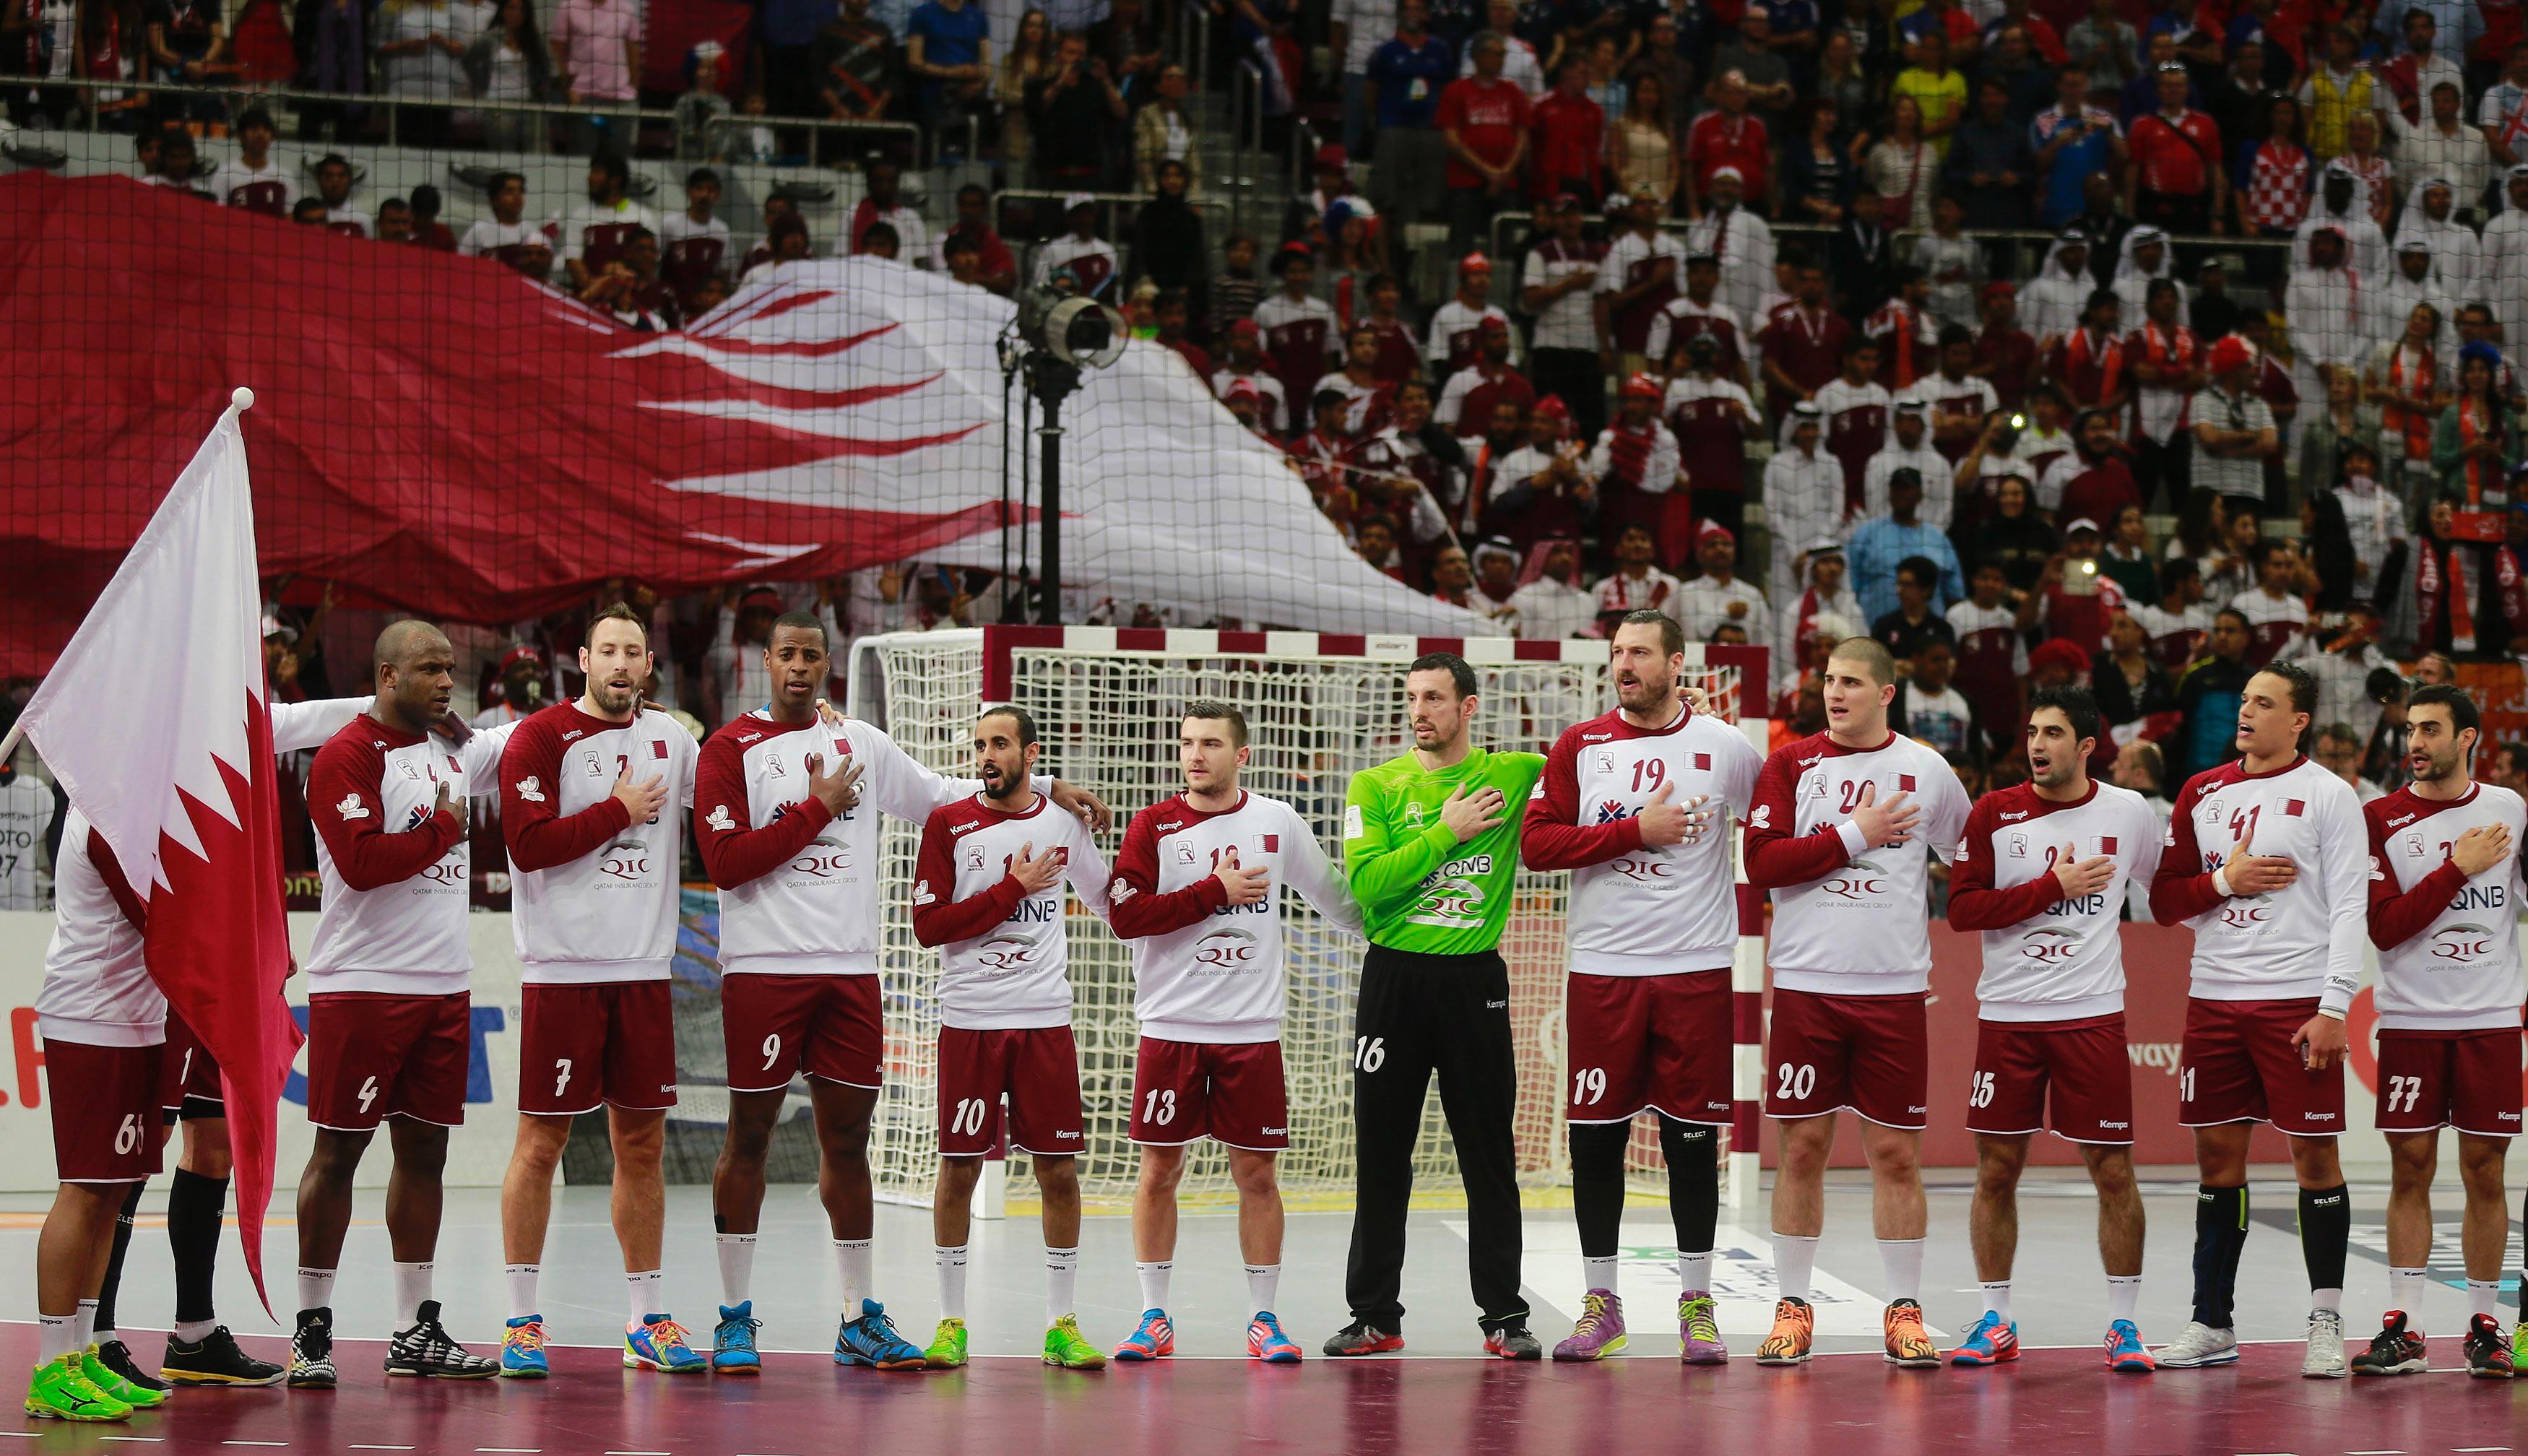 3ad32aeddb O futuro passou pelo Qatar - e não foi bonito